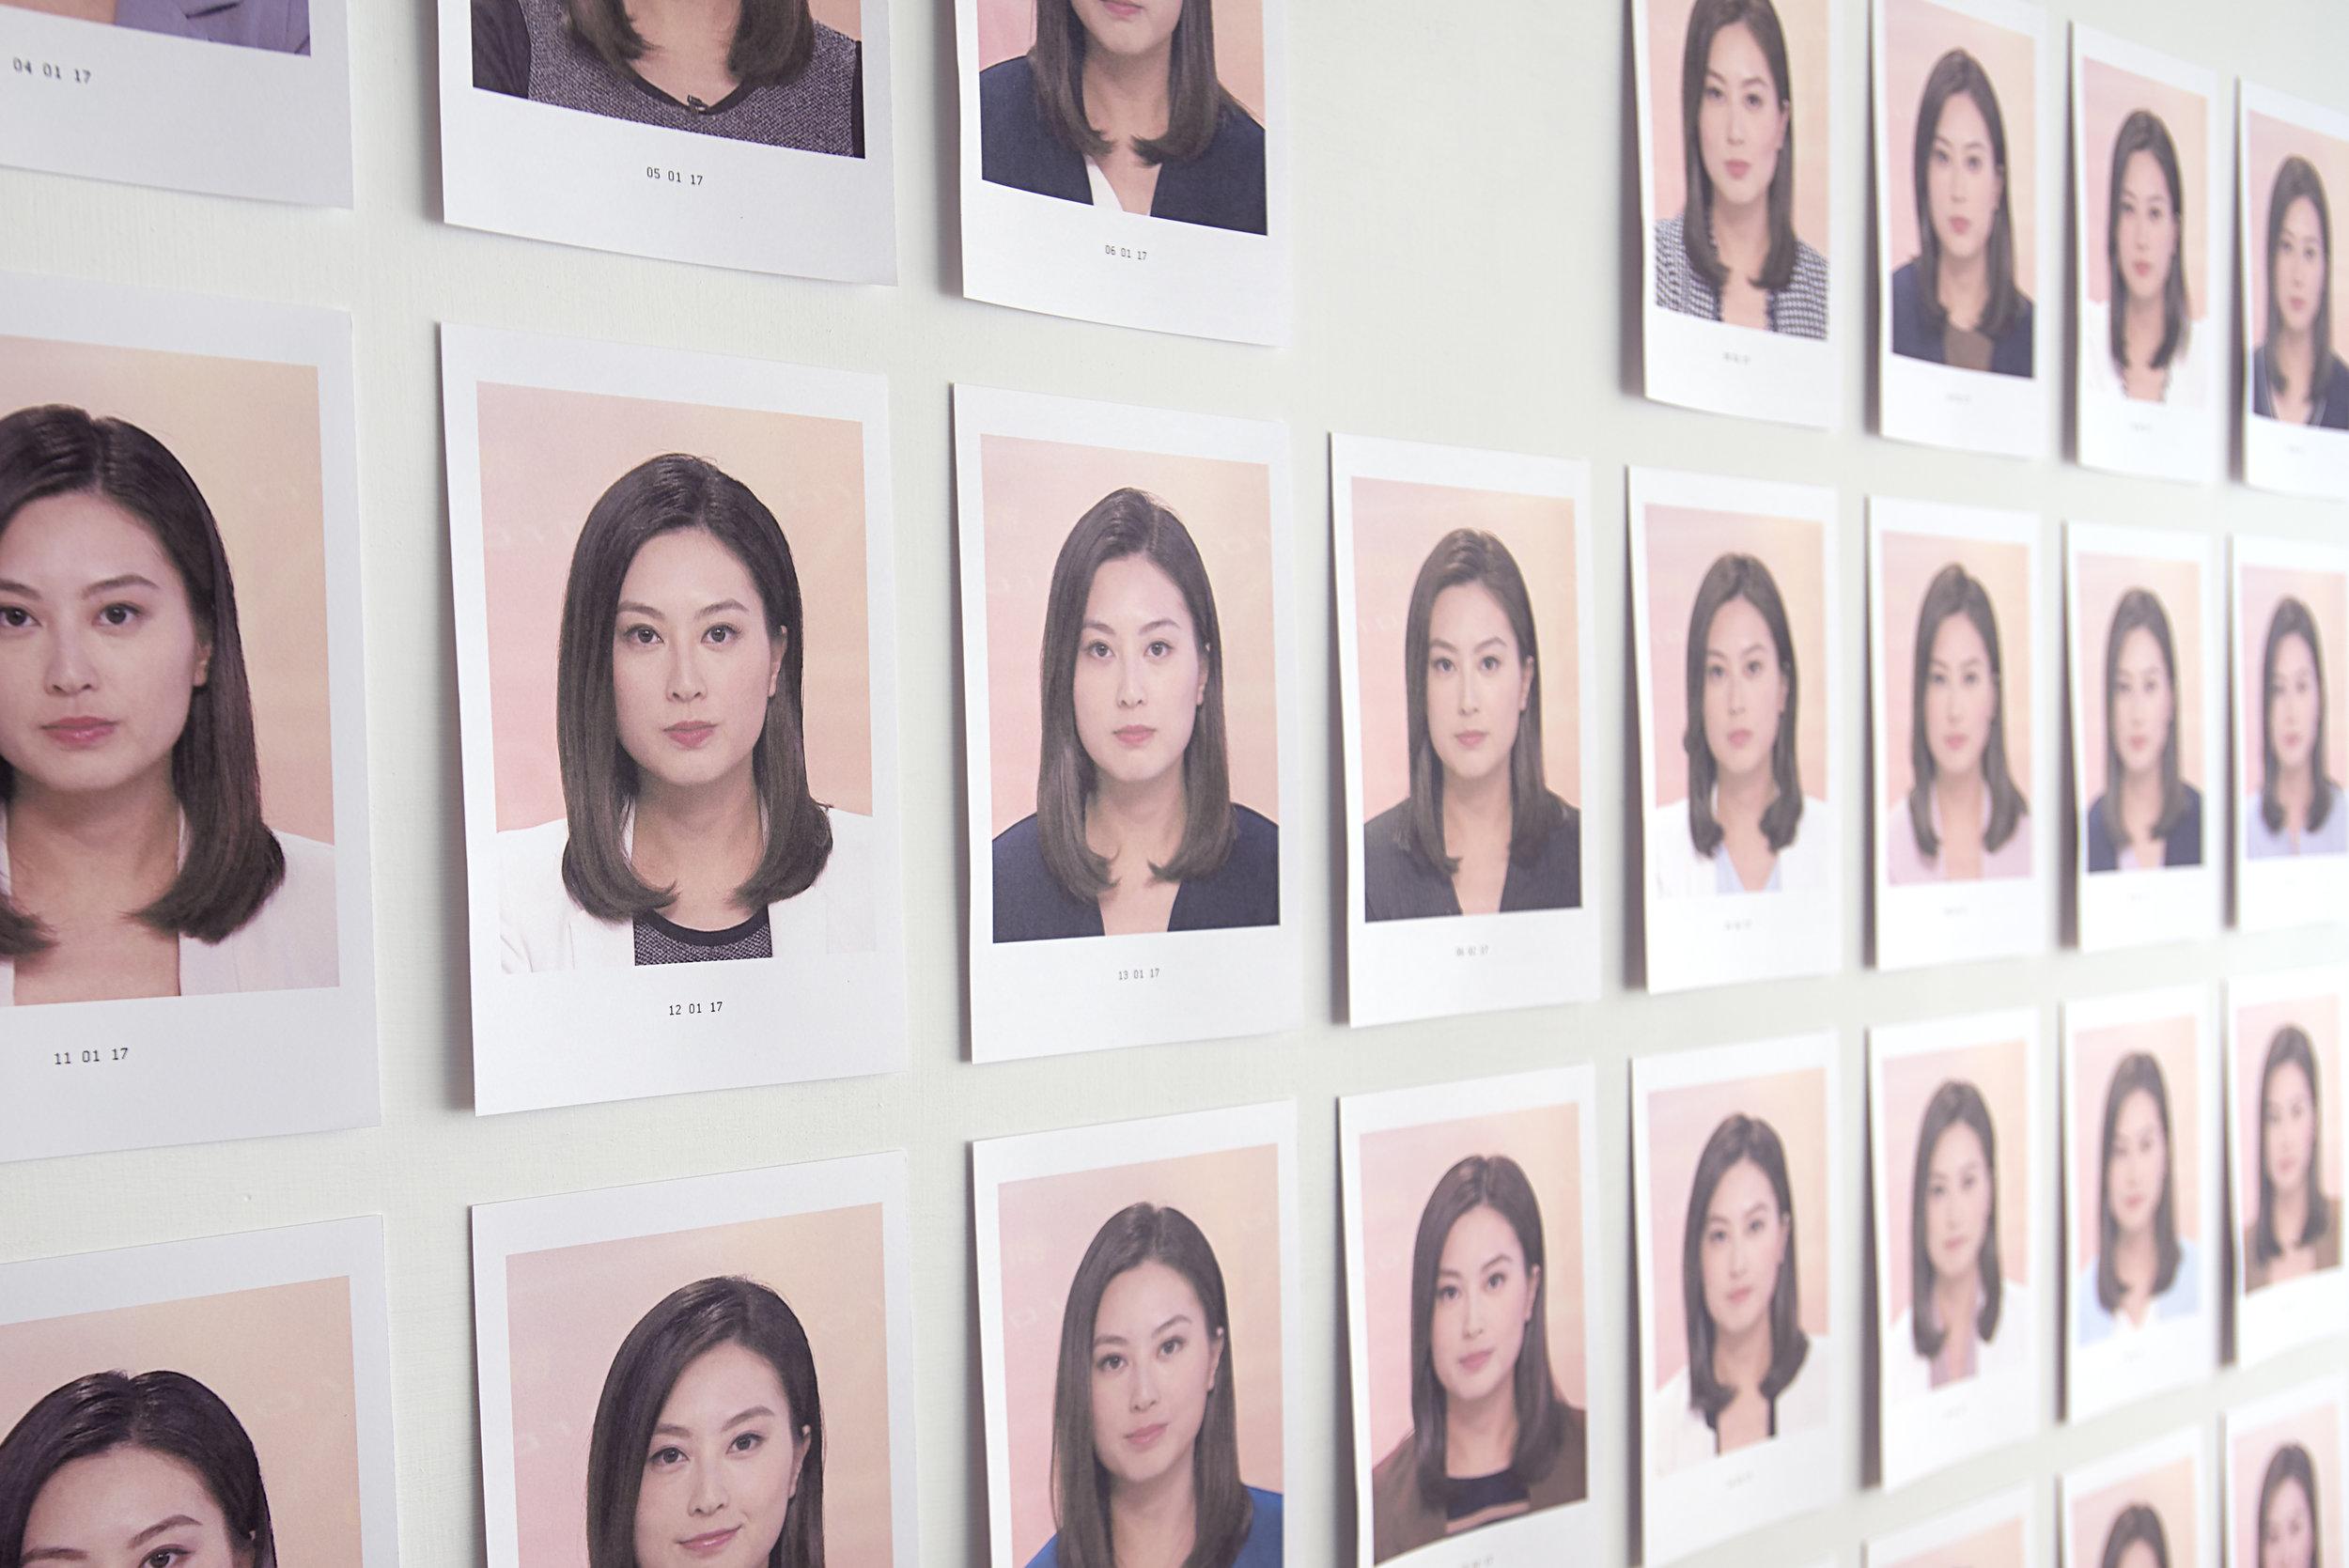 黄永生,《近況》 ,选自《刺眼的黑色》系列,2017年。无酸纸艺术微啧,尺寸可变。图片由艺术家提供。